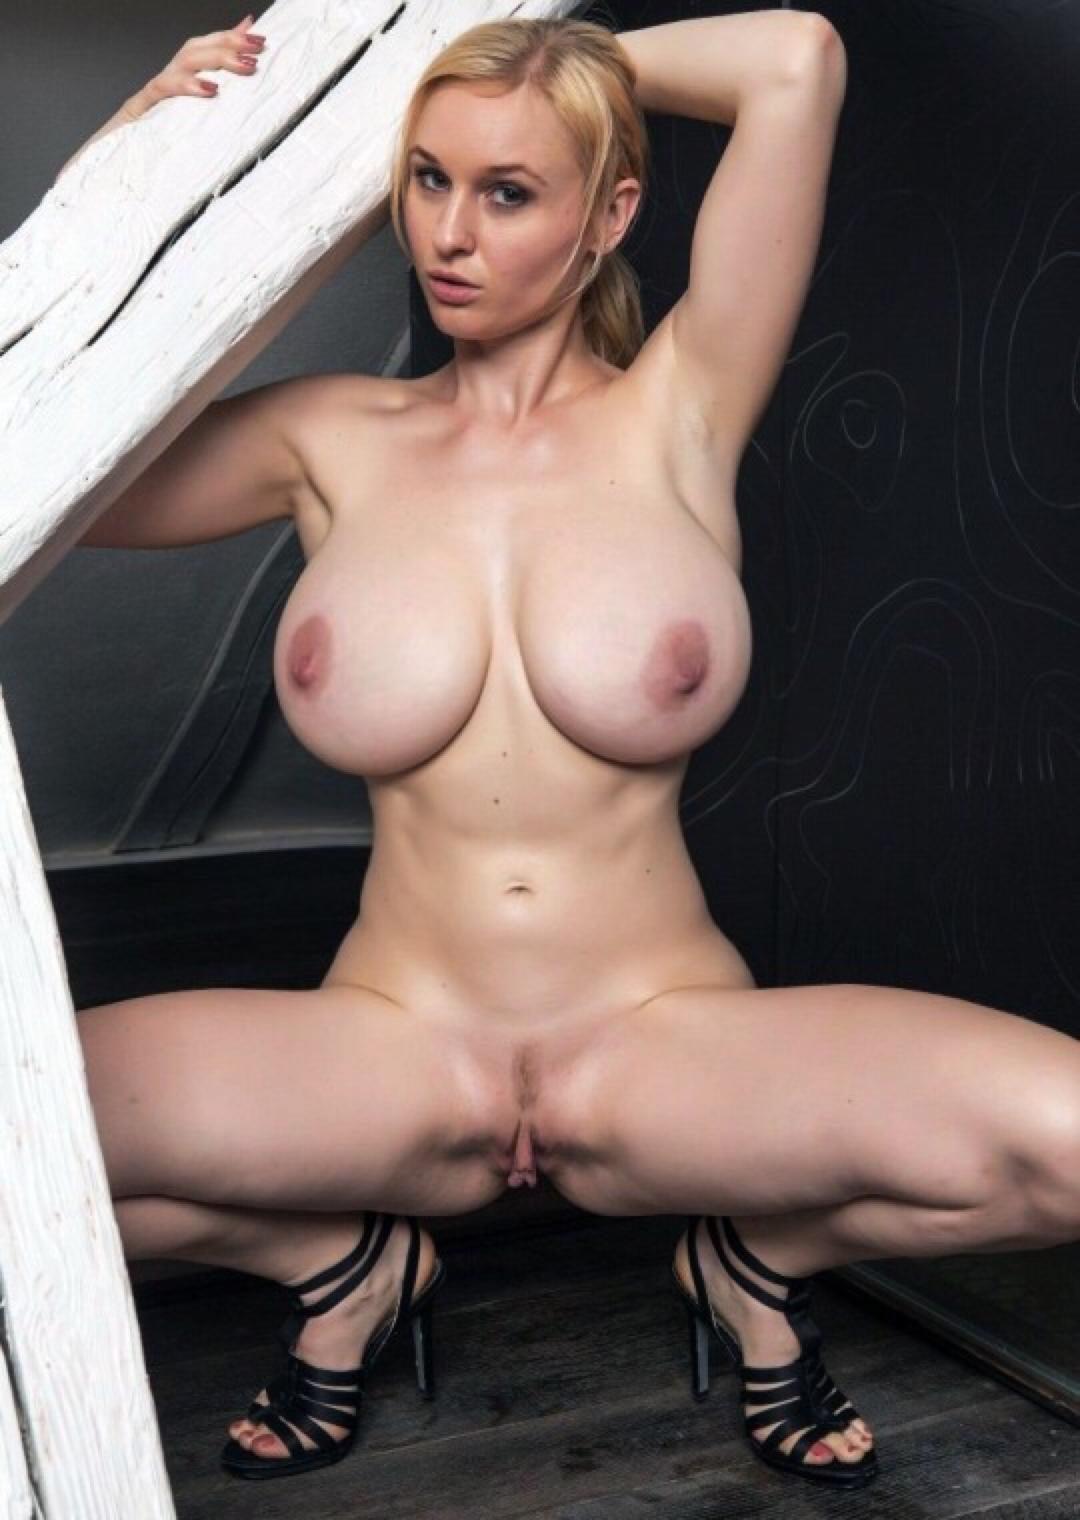 Da hockt sich die sexy Lady mit grossen Brüsten erstmal hin